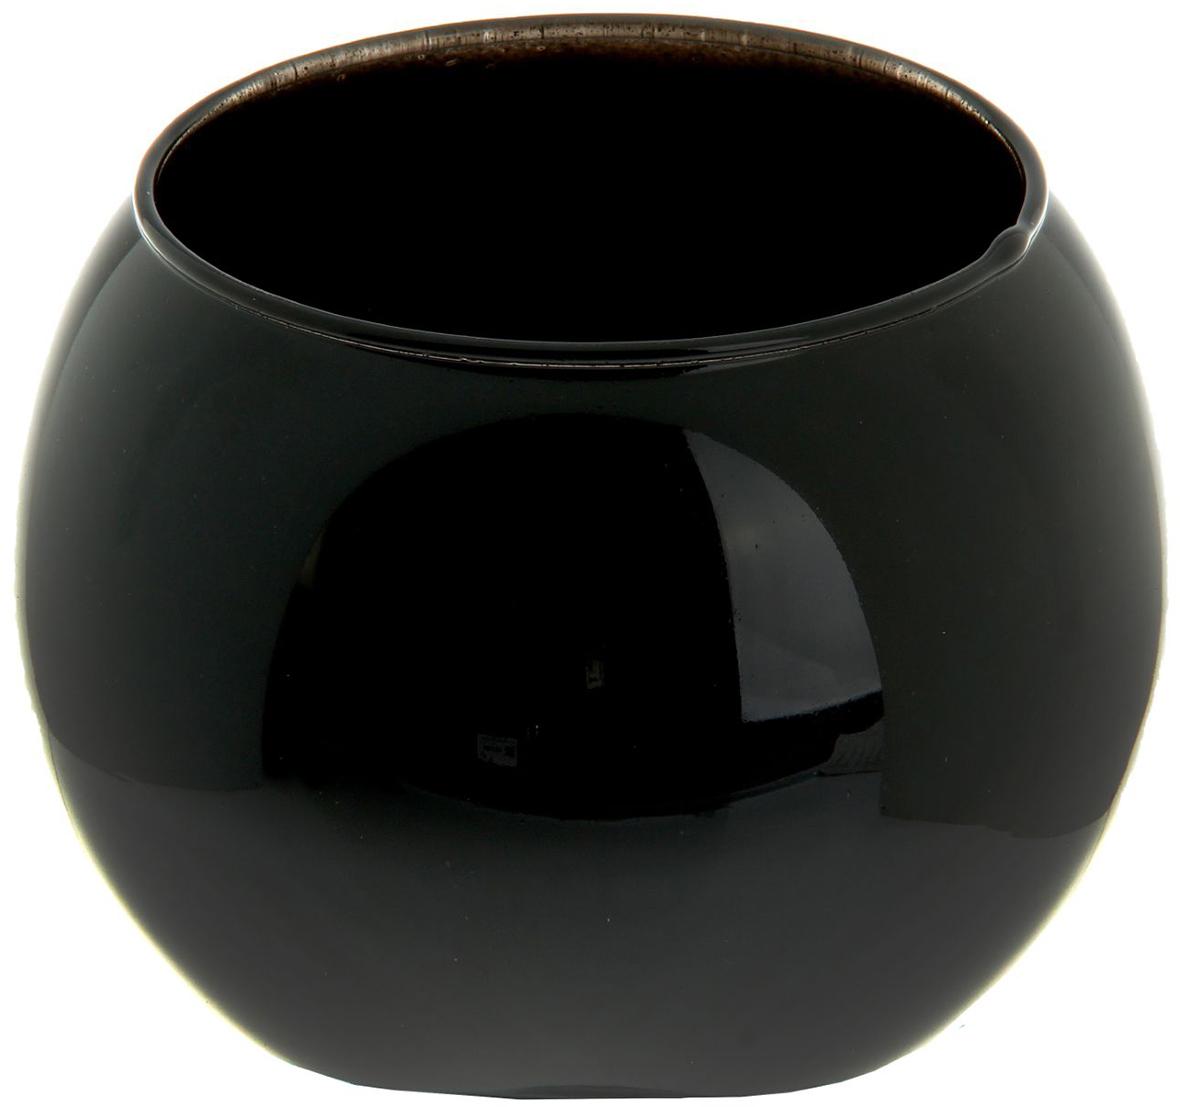 Ваза-шар Evis Пять вечеров, цвет: черный, 1 л1169874Ваза - не просто сосуд для букета, а украшение убранства. Поставьте в неё цветы или декоративные веточки, и эффектный интерьерный акцент готов! Стеклянный аксессуар добавит помещению лёгкости.Ваза-шар Пять вечеров чёрная, 1 л преобразит пространство и как самостоятельный элемент декора. Наполните интерьер уютом!Каждая ваза выдувается мастером. Второй точно такой же не встретить. А случайный пузырёк воздуха или застывшая стеклянная капелька на горлышке лишь подчёркивают её уникальность.